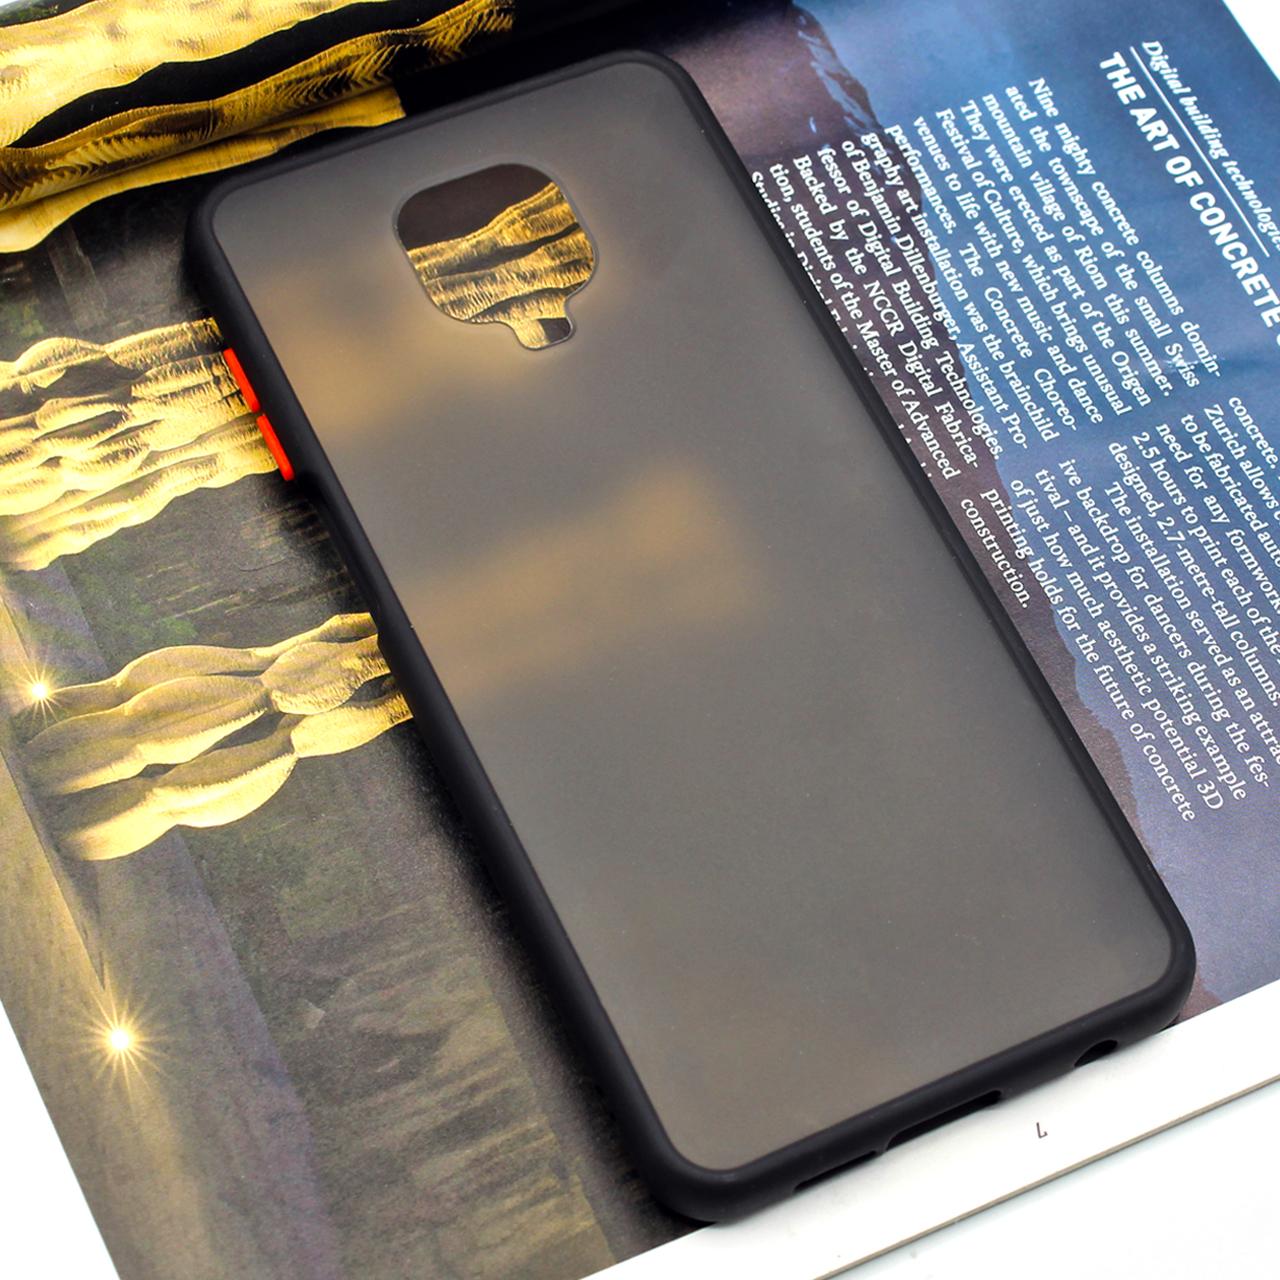 کاور کینگ پاور مدل M21 مناسب برای گوشی موبایل شیائومی Redmi Note 9S / Note 9 Pro / Note 9 Pro Max main 1 4